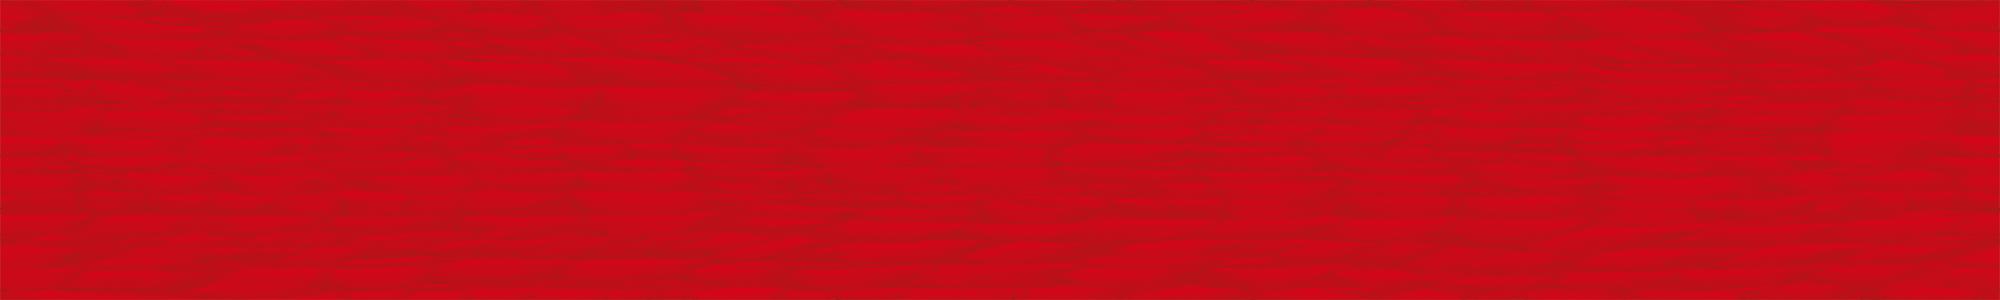 Textura Roja